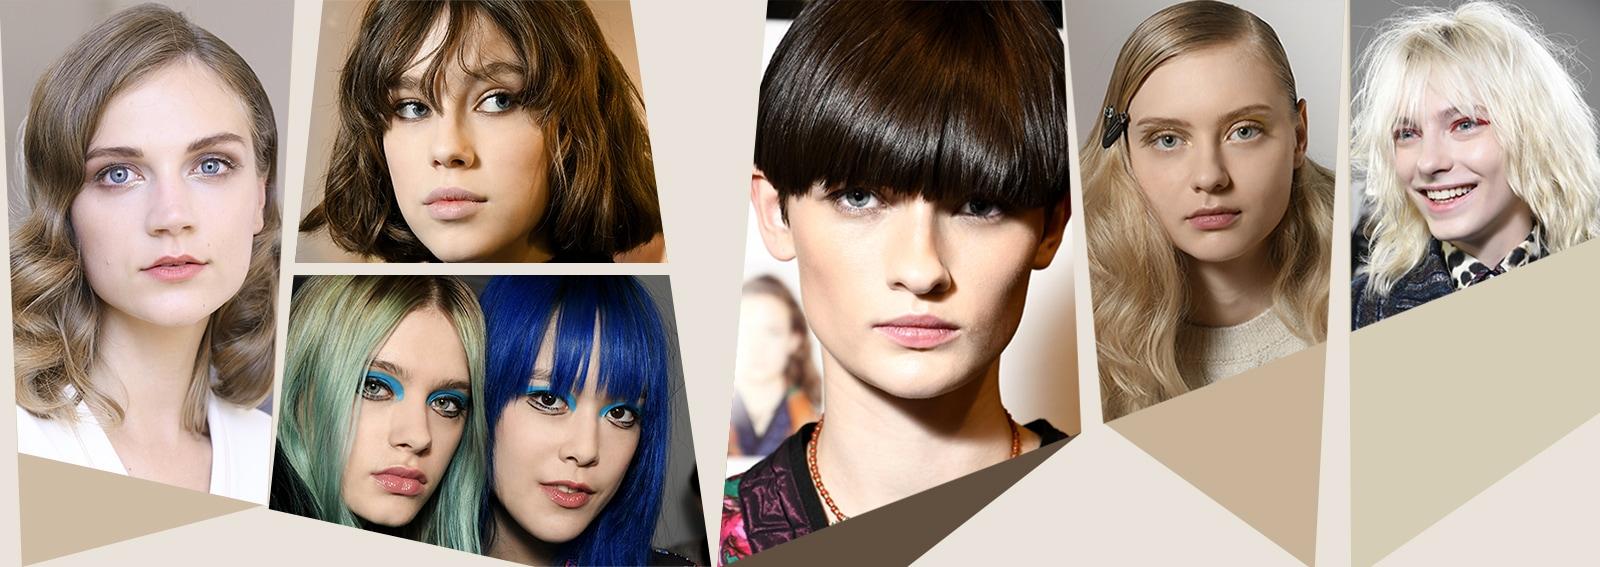 colore capelli le tendenze da sfilata autunno inverno 2017 2018 collage_desktop